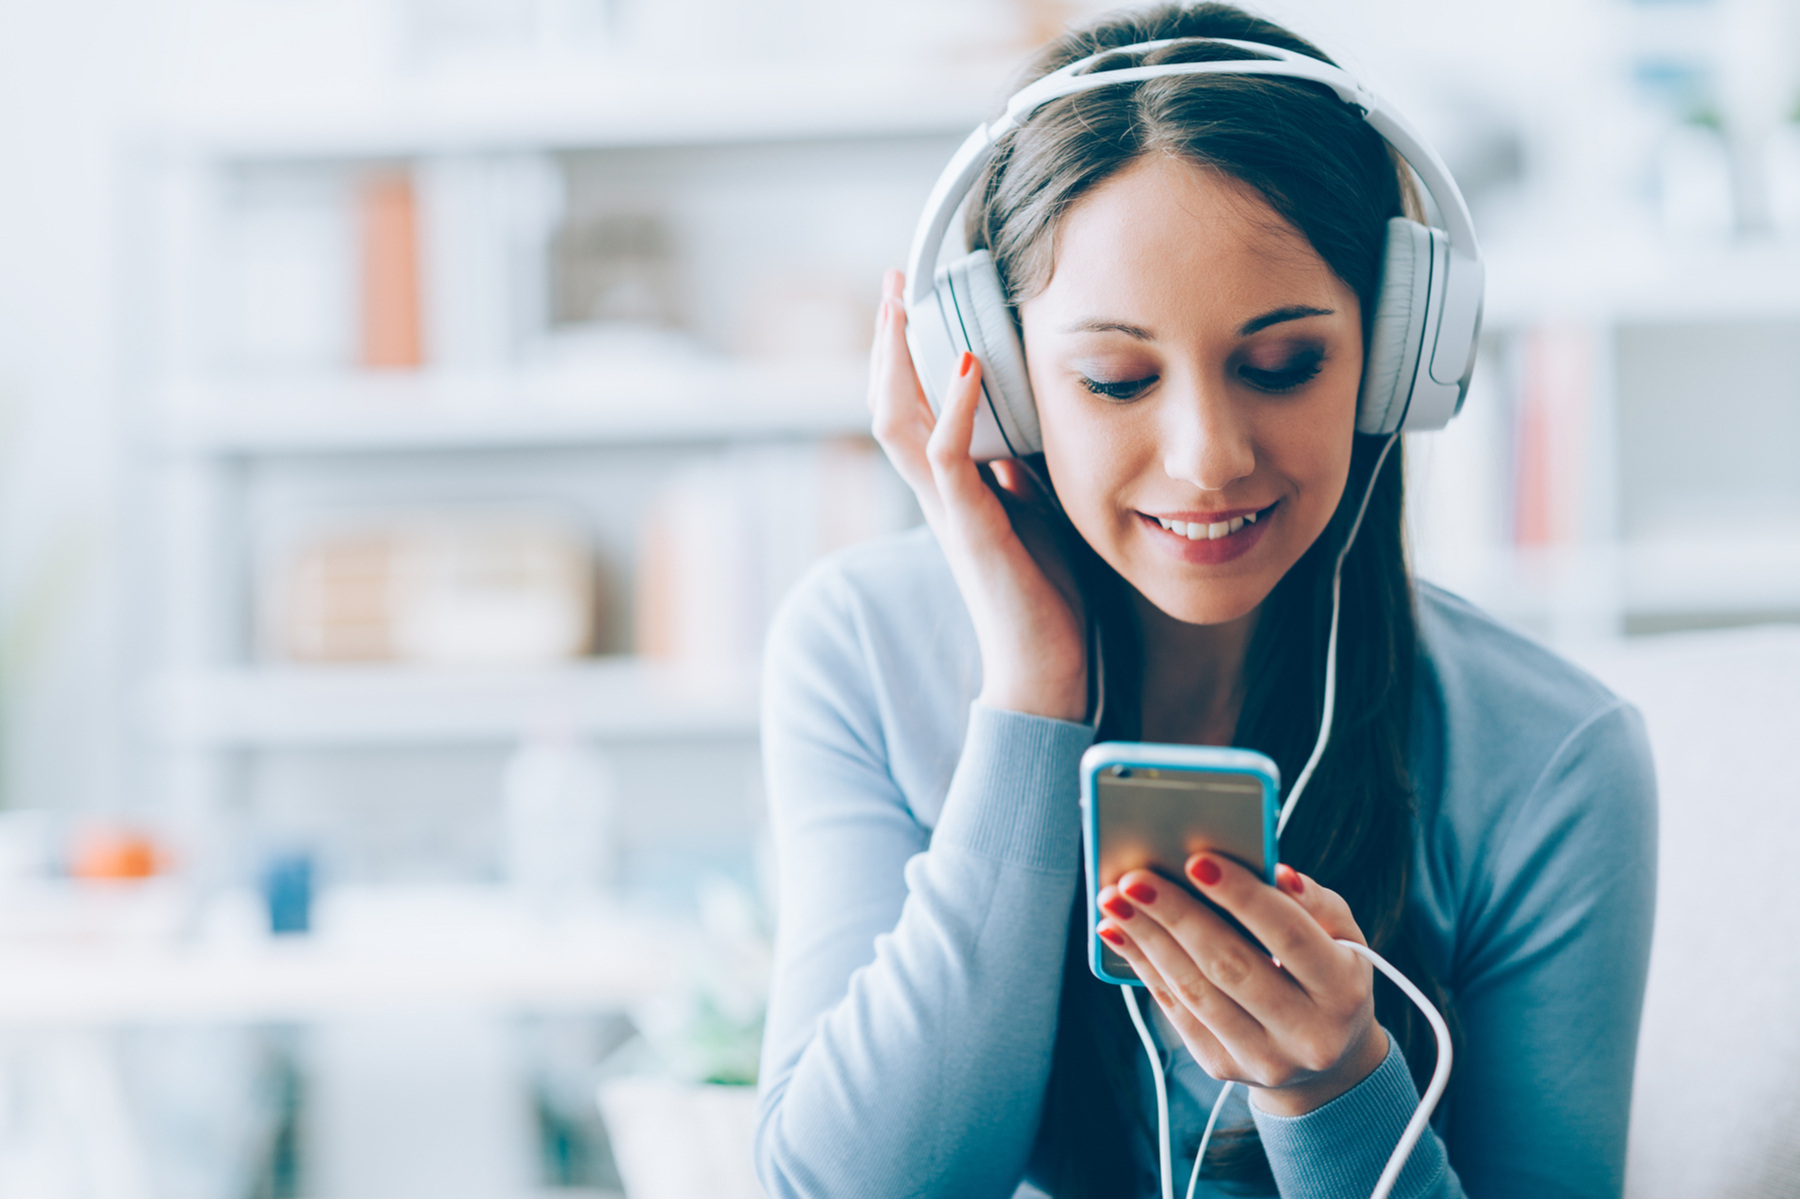 Listening on headphones